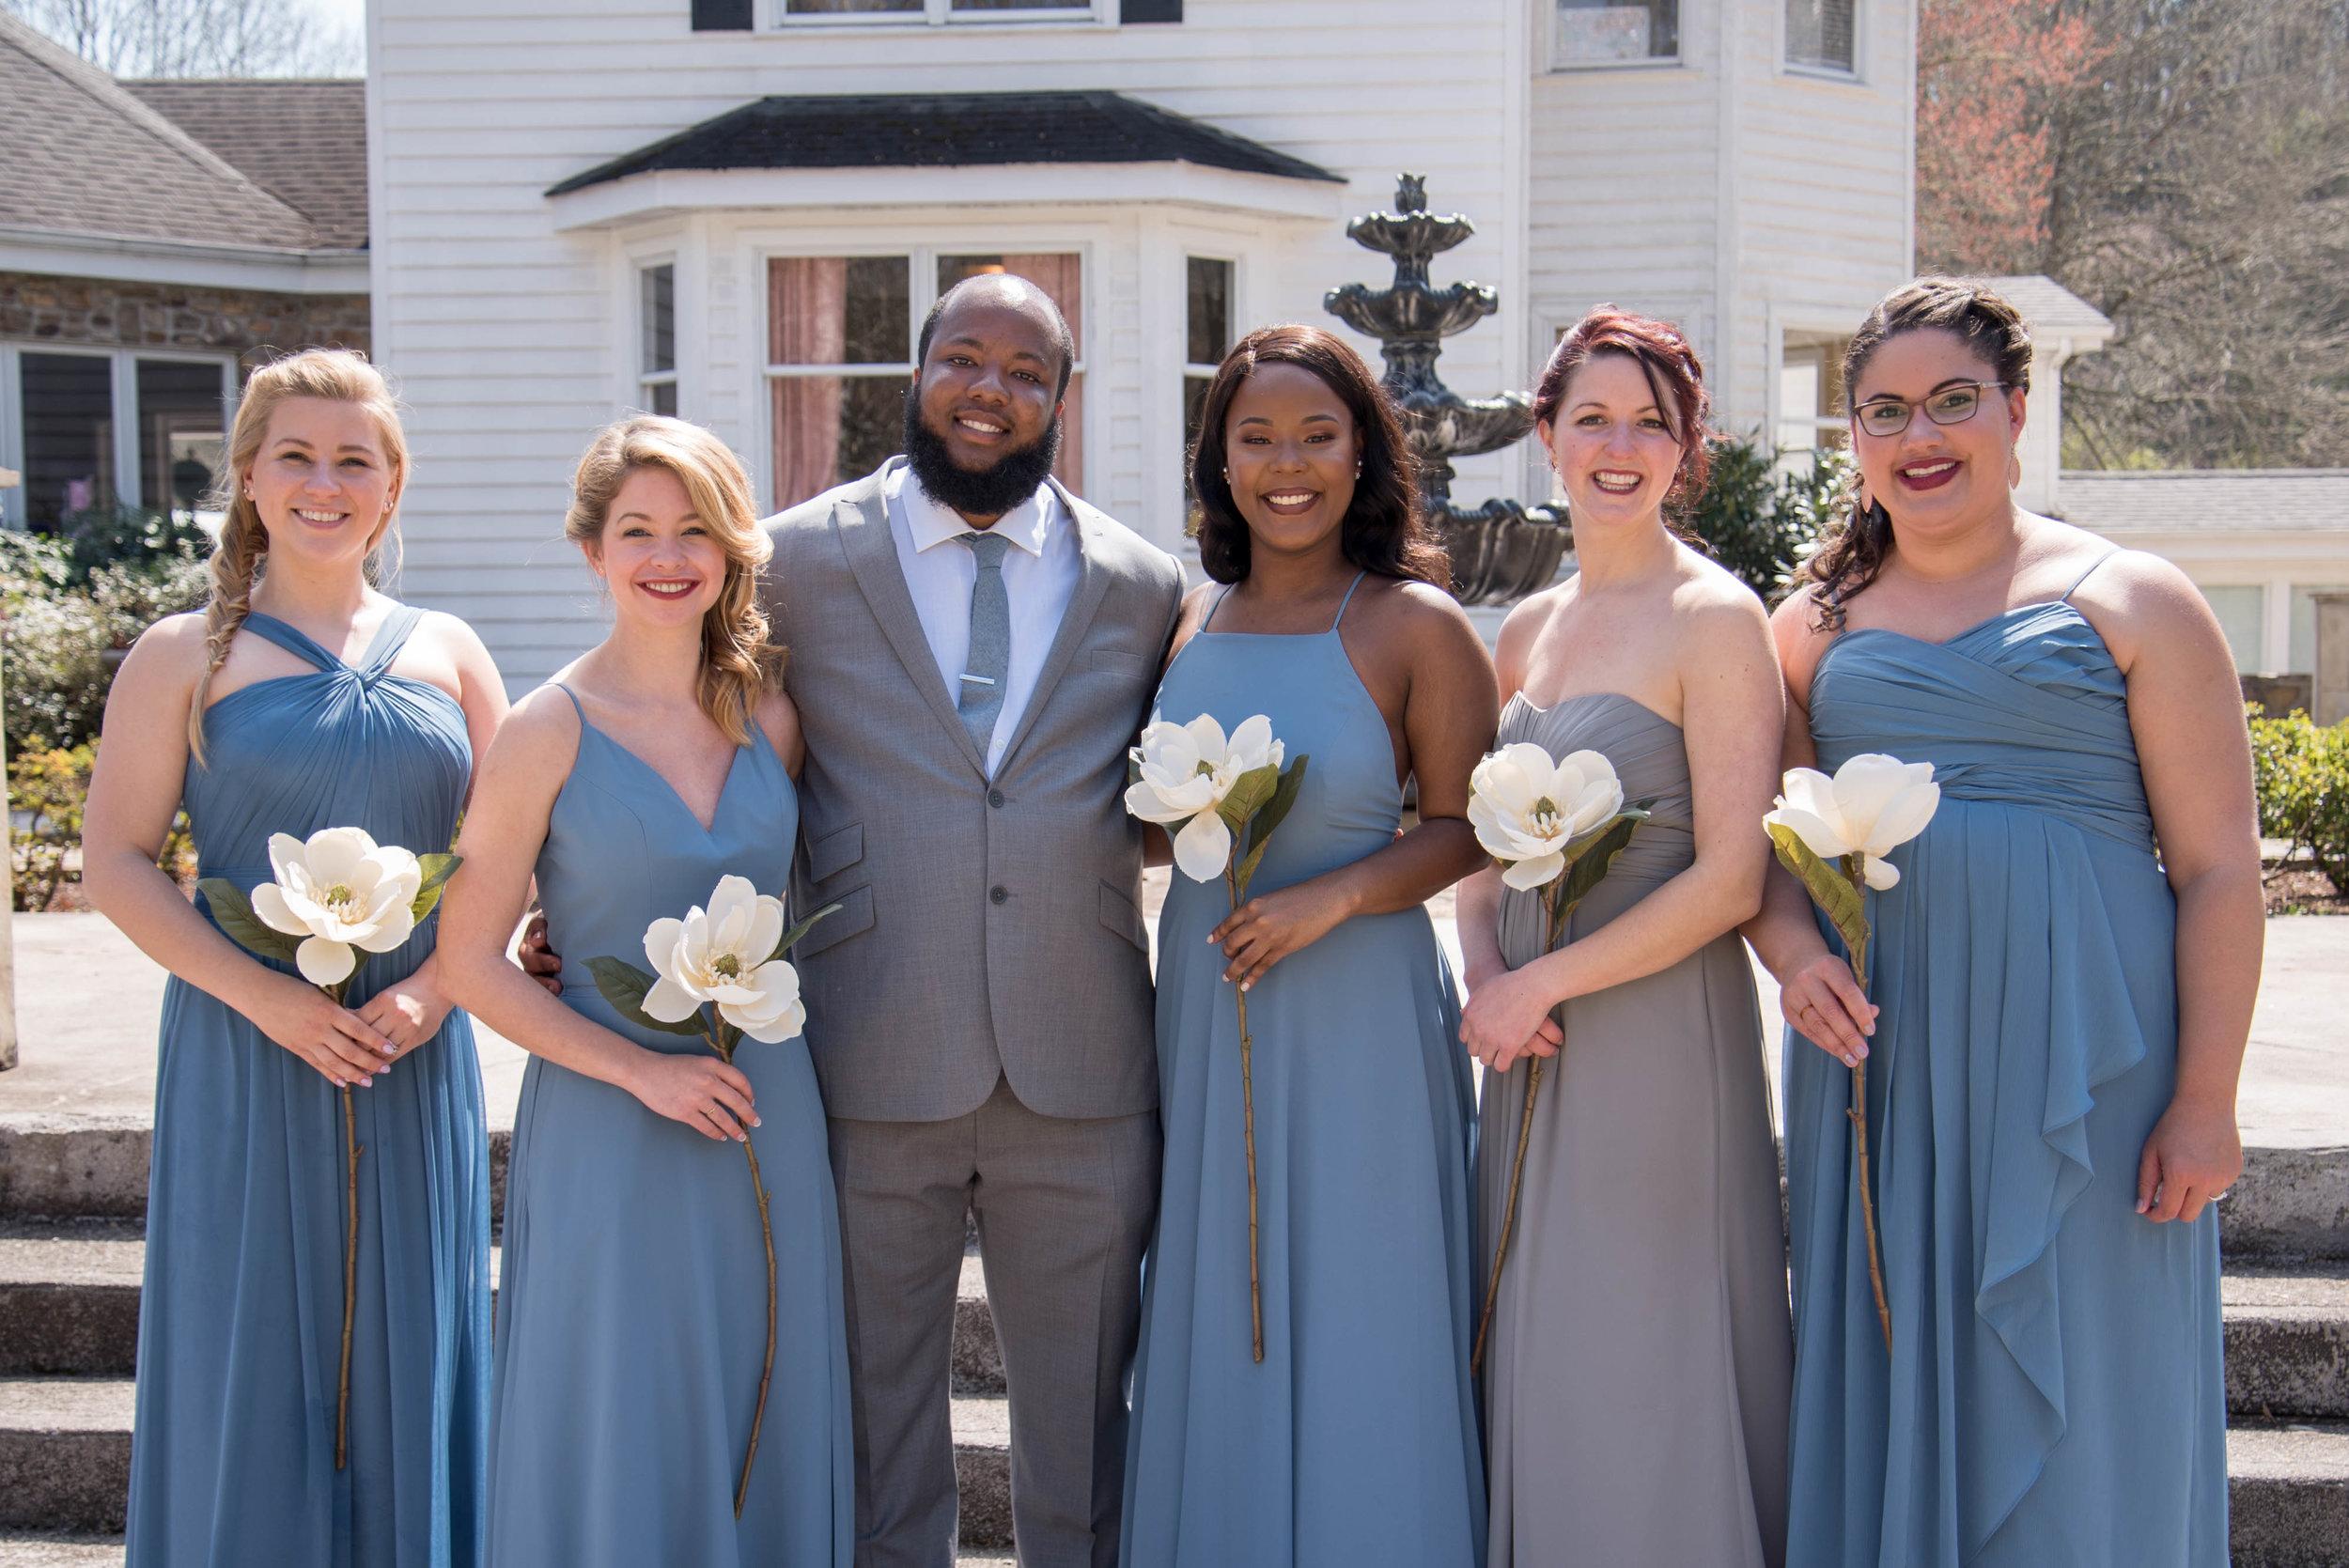 weddingparty-084.jpg